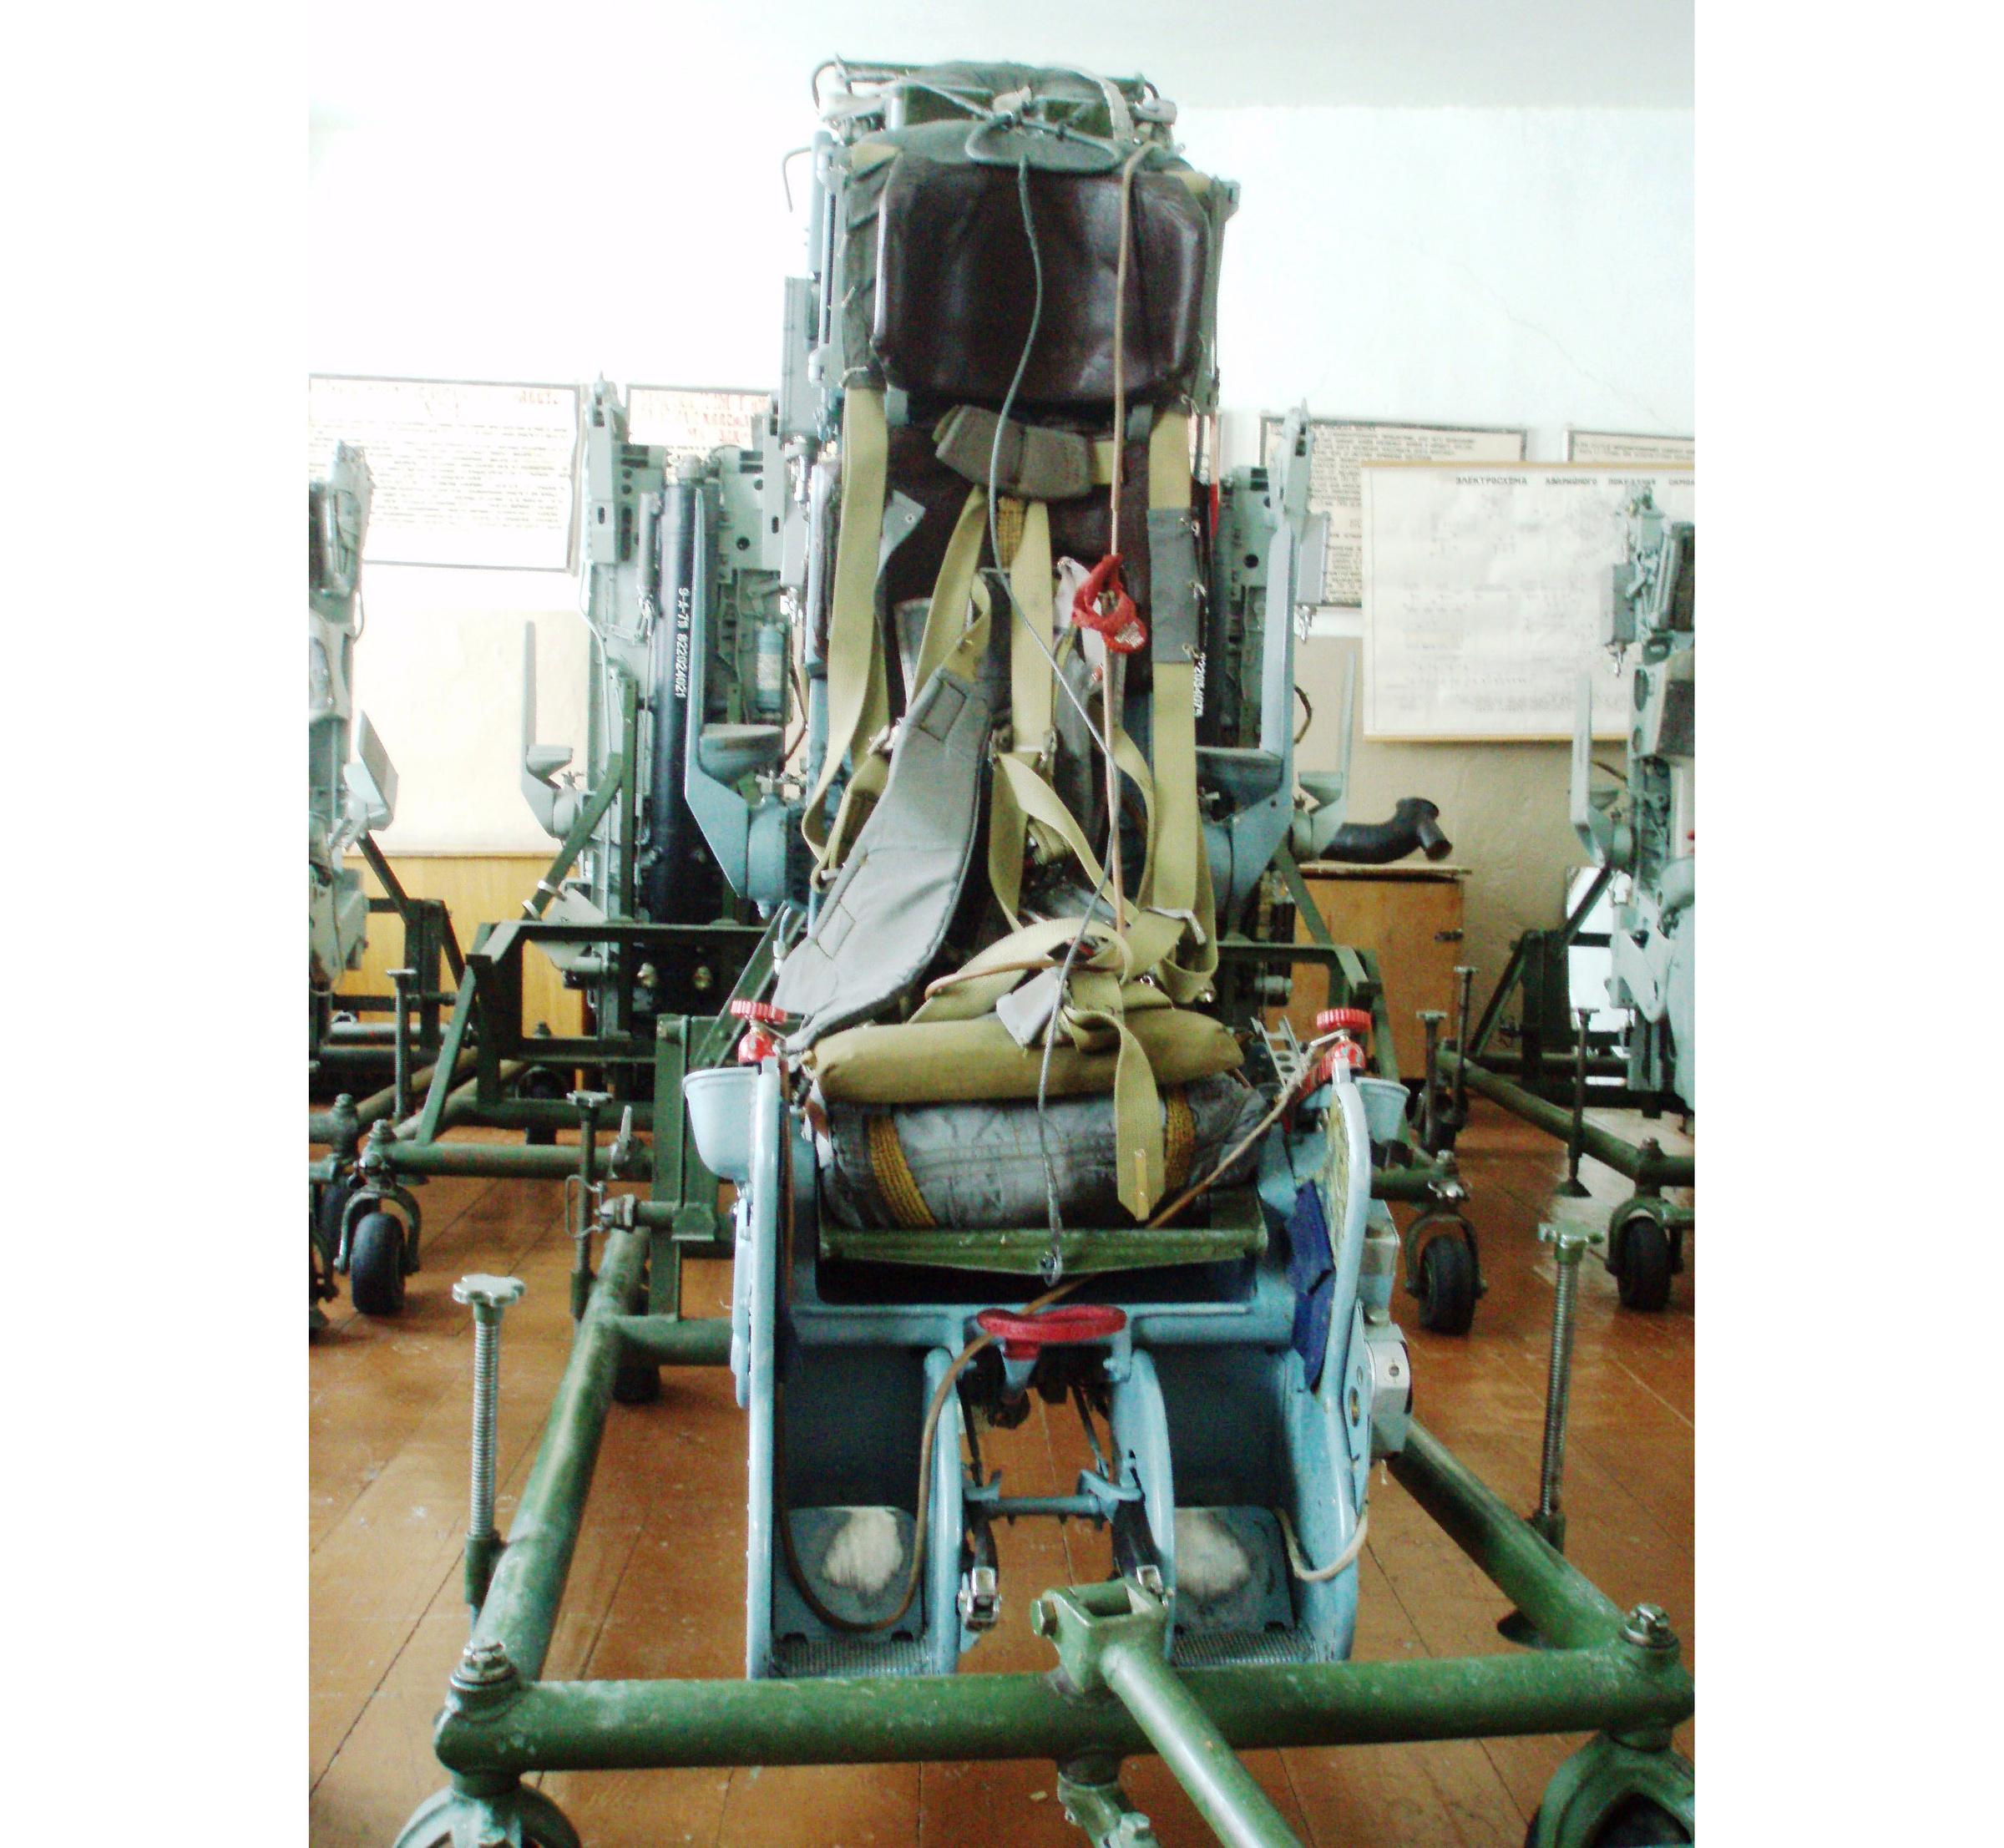 КТ-1М — катапультируемое кресло. Фото © Wikiwand.com